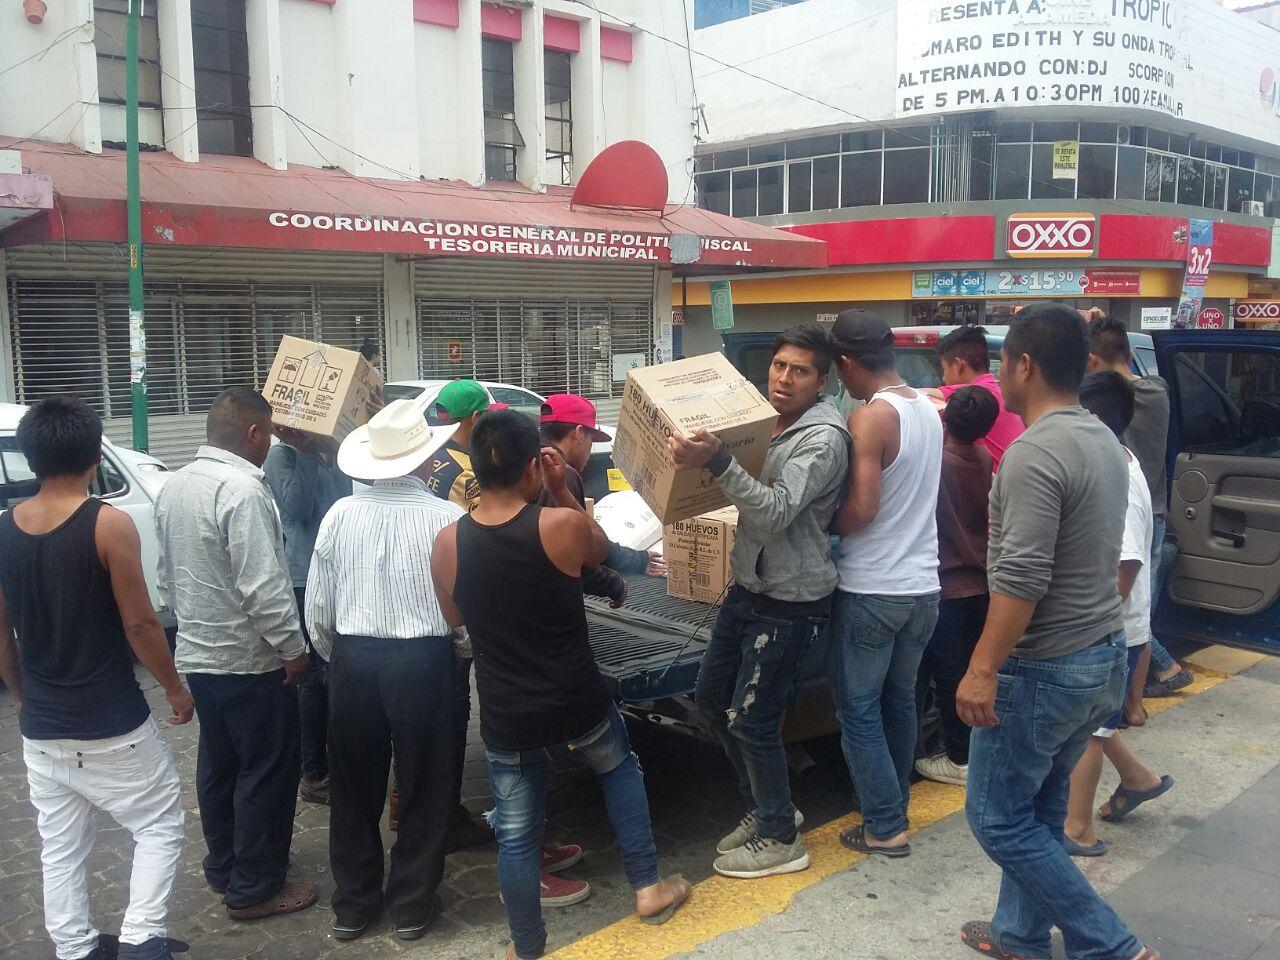 Continua la entrega de alimentos a personas del ejido puebla de Chenalhó